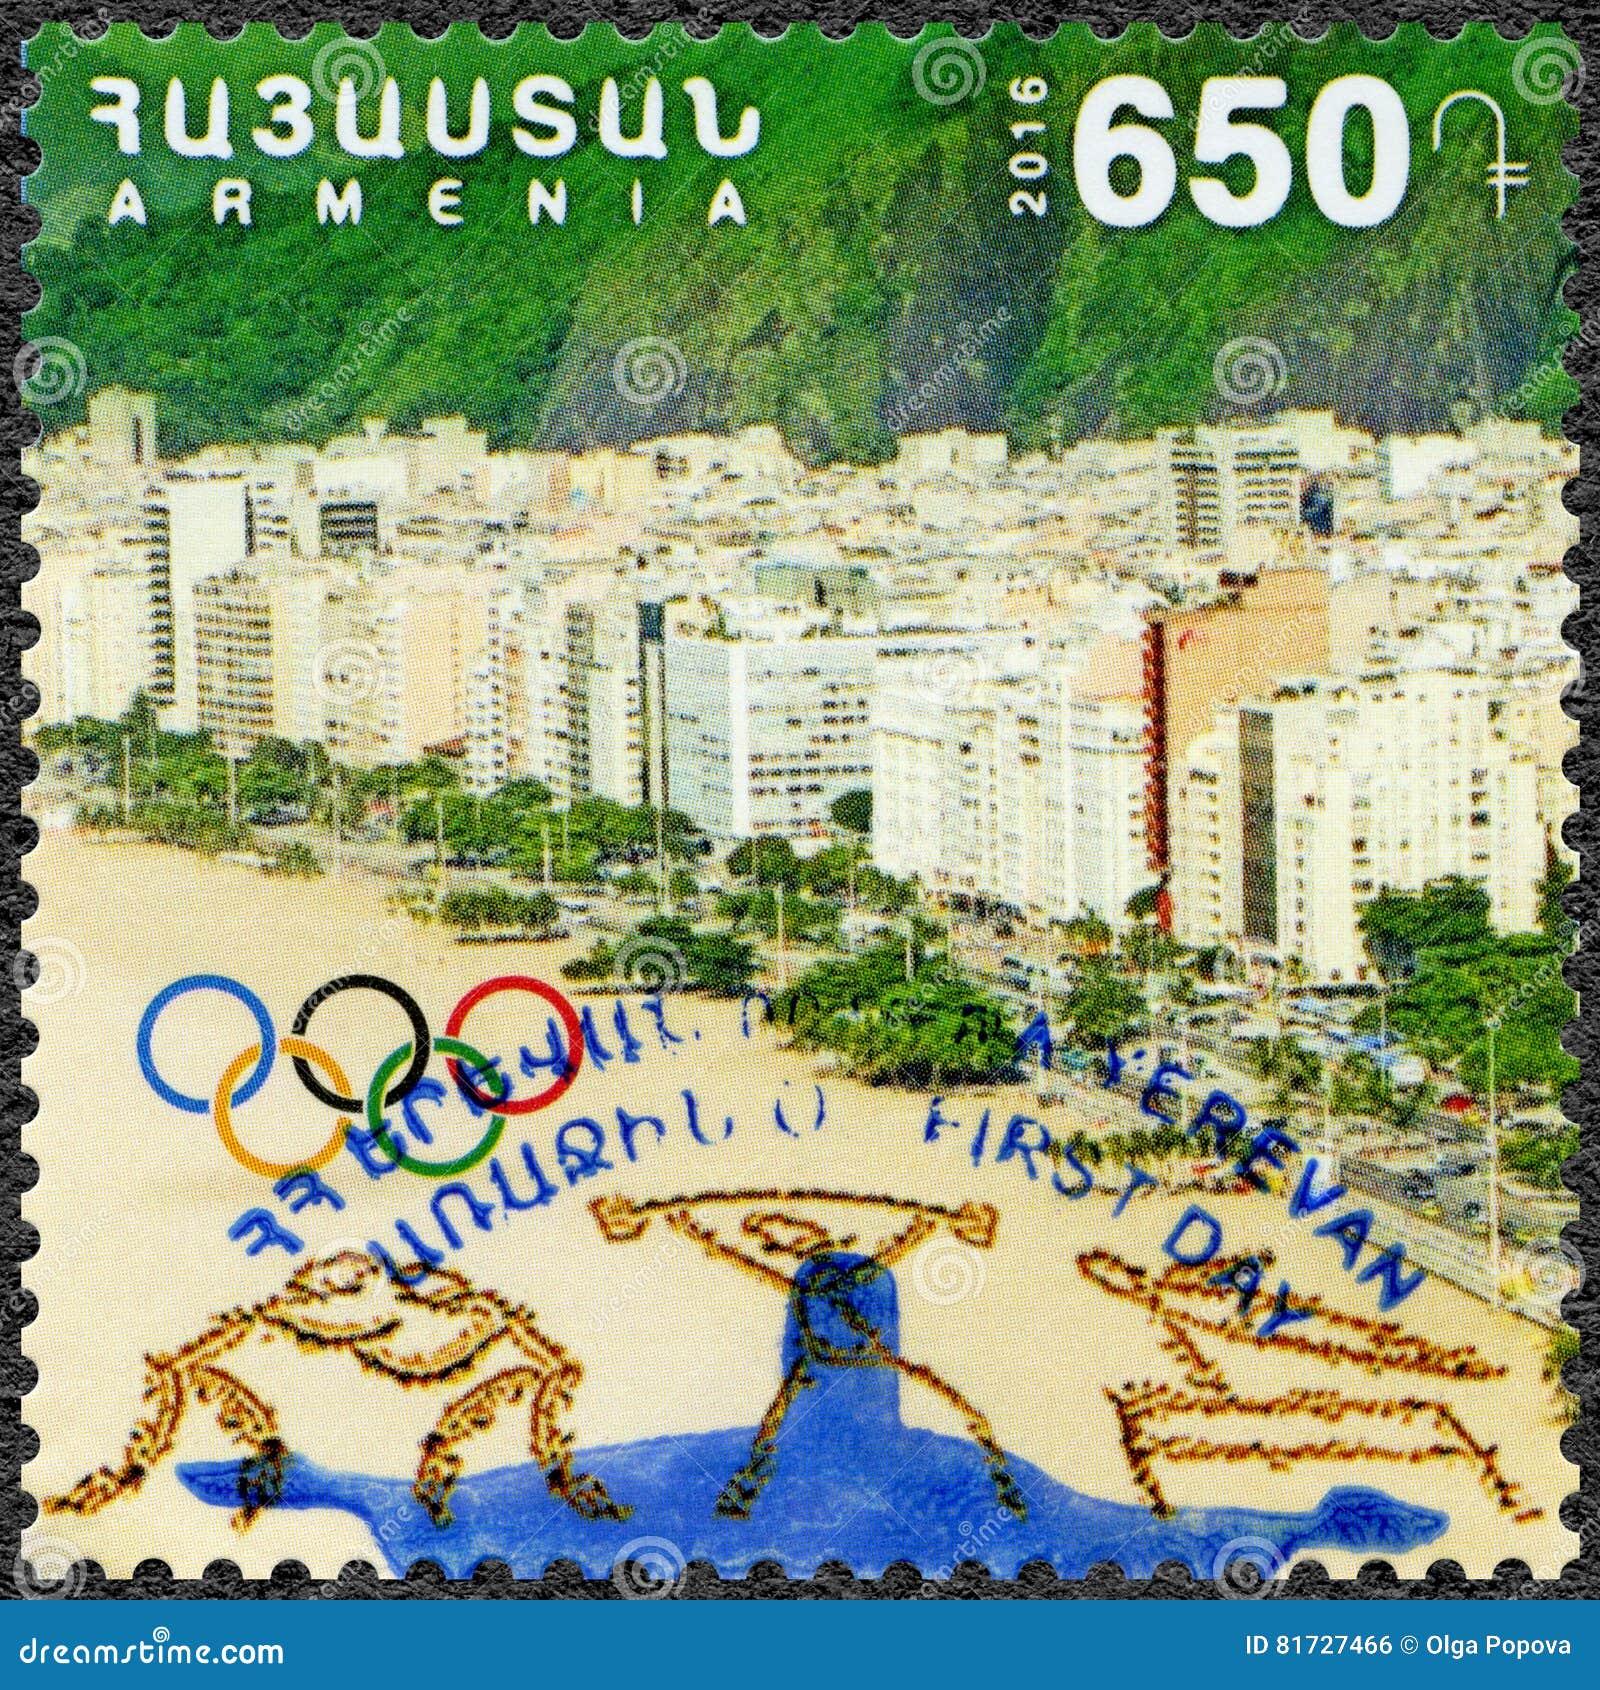 Copacabana Games